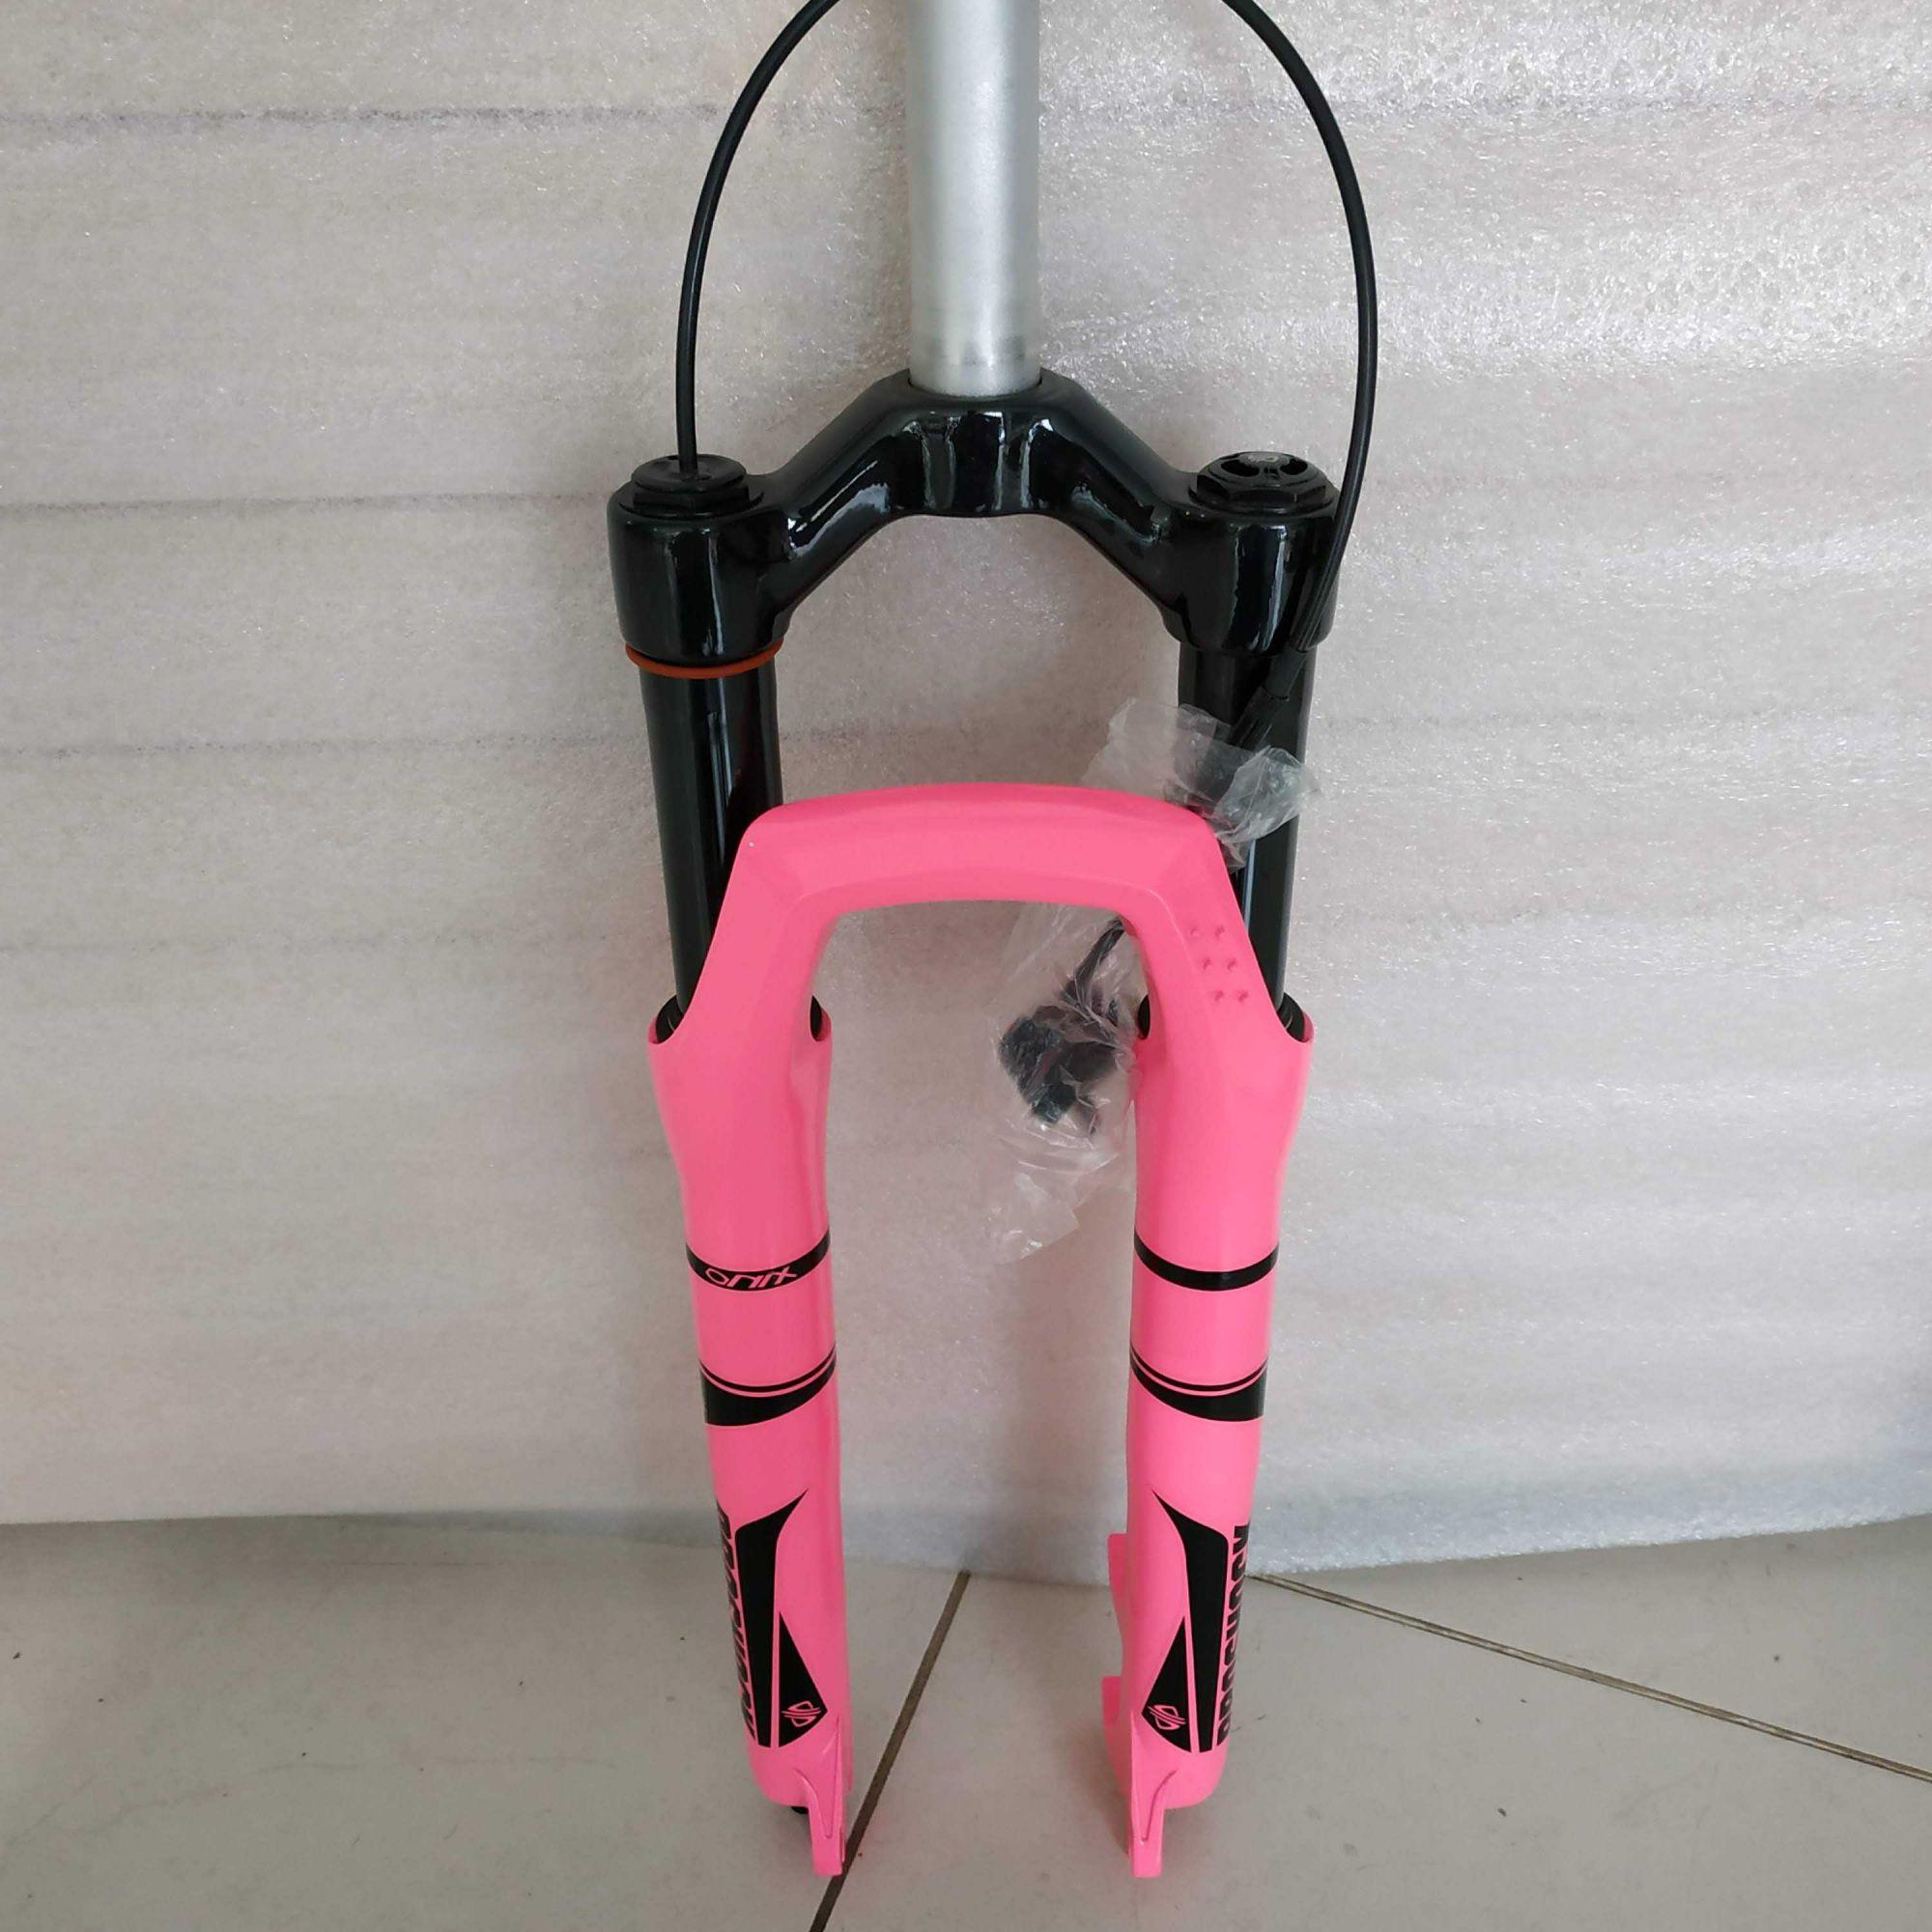 Suspensão 29 PROSHOCK Ônix Over 100mm cor Rosa com Trava no Guidão